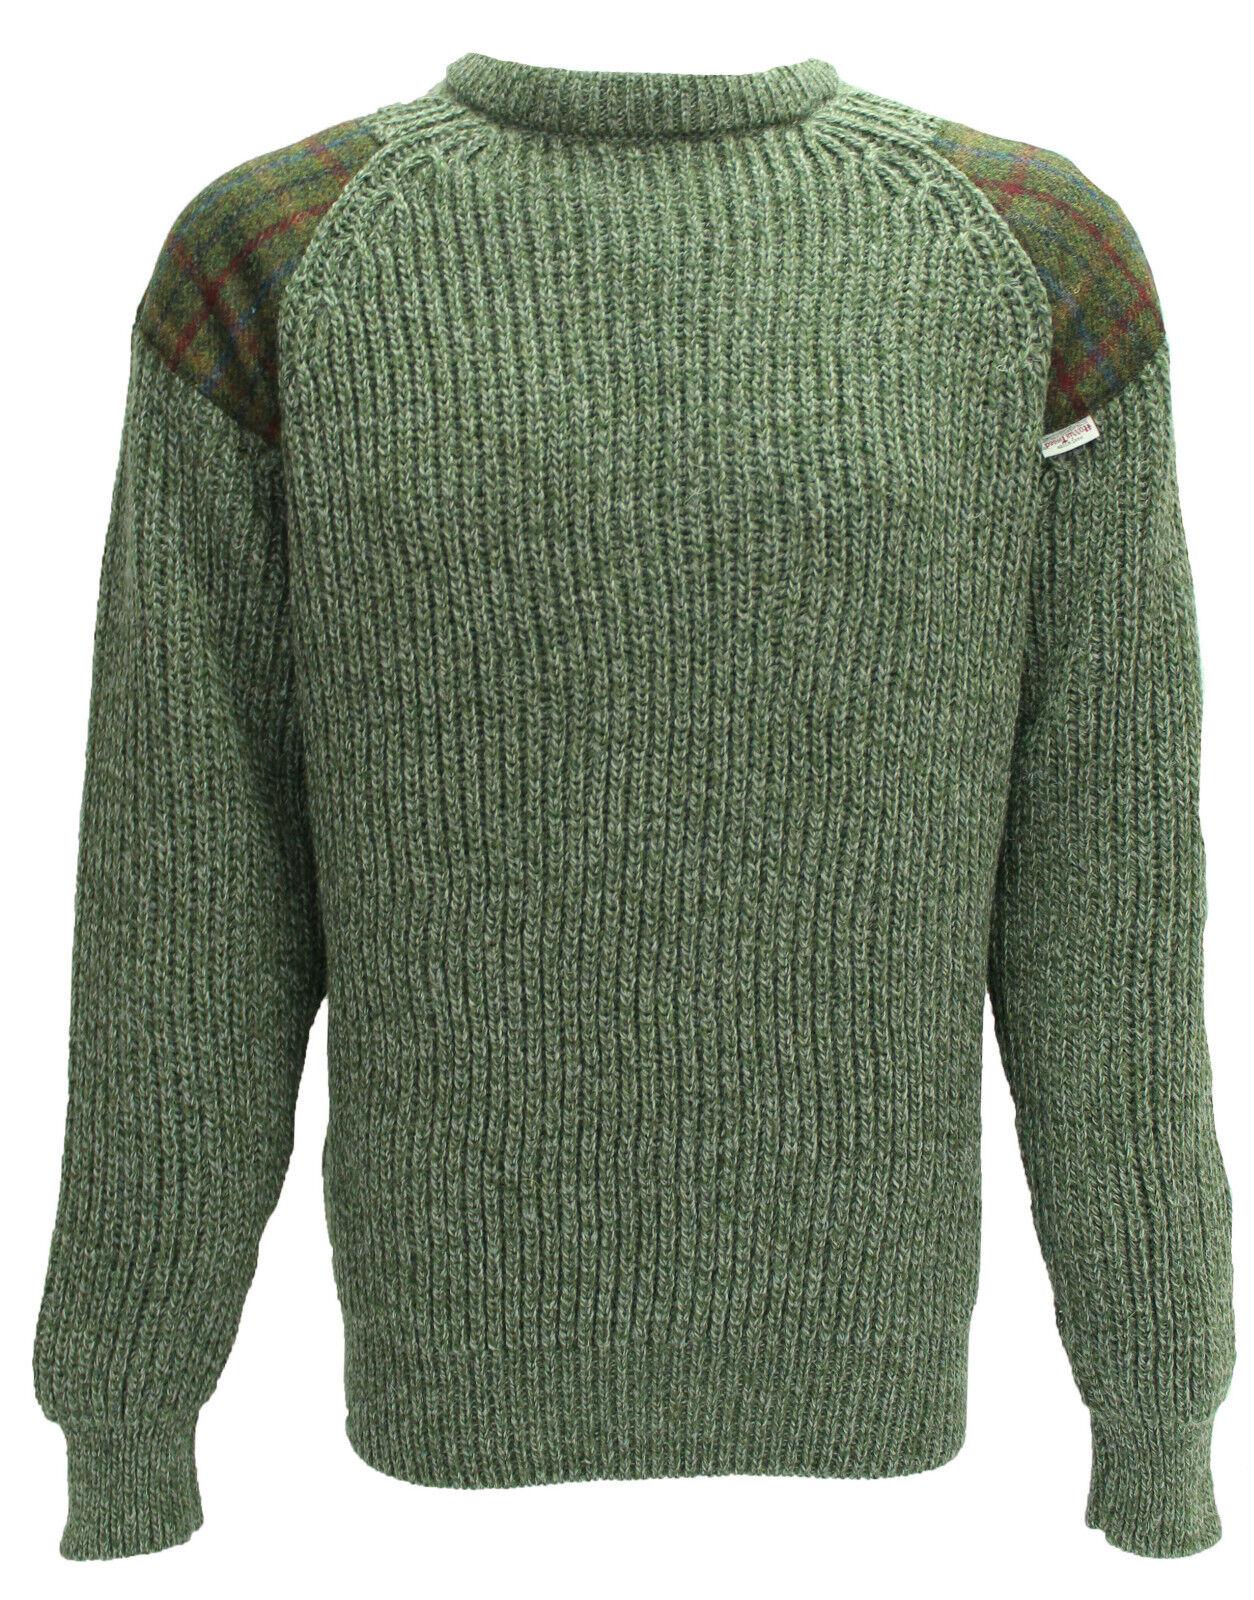 Klassisch Rundhals sweatshirt Harris Tweed patch 100% Britisch Wolle   41120